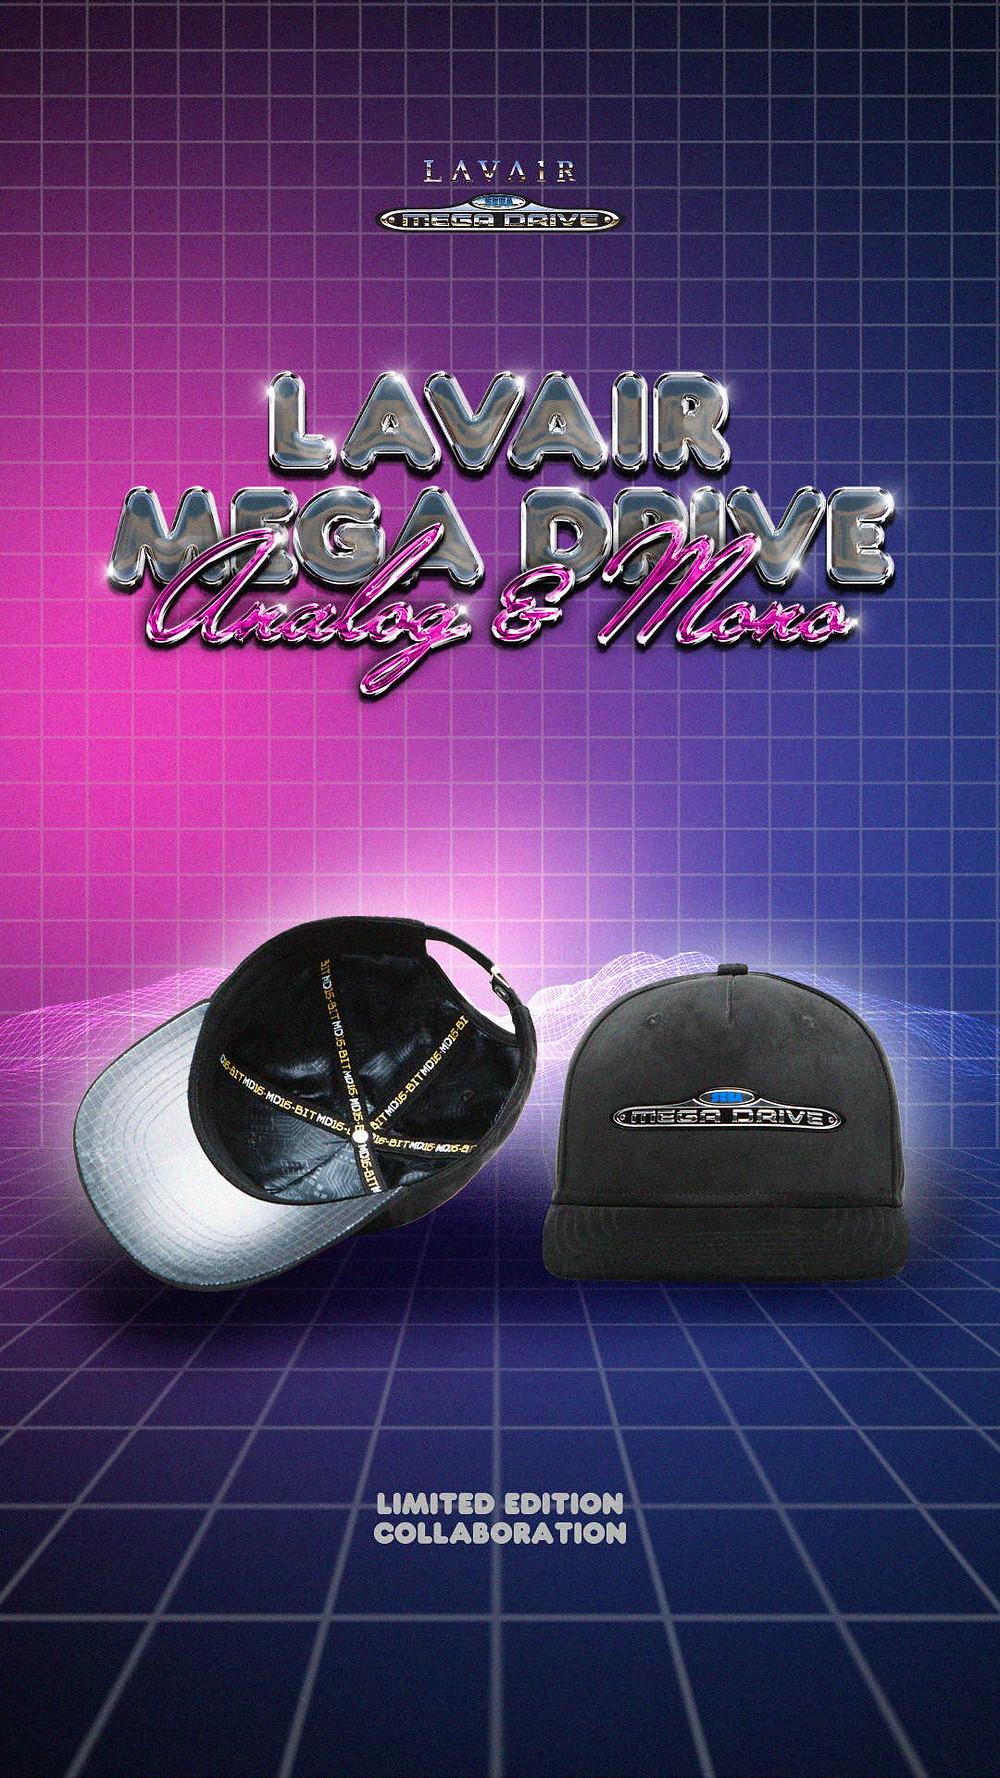 Lavair Sega Mega Drive Analog Mono Caps and Sneaker